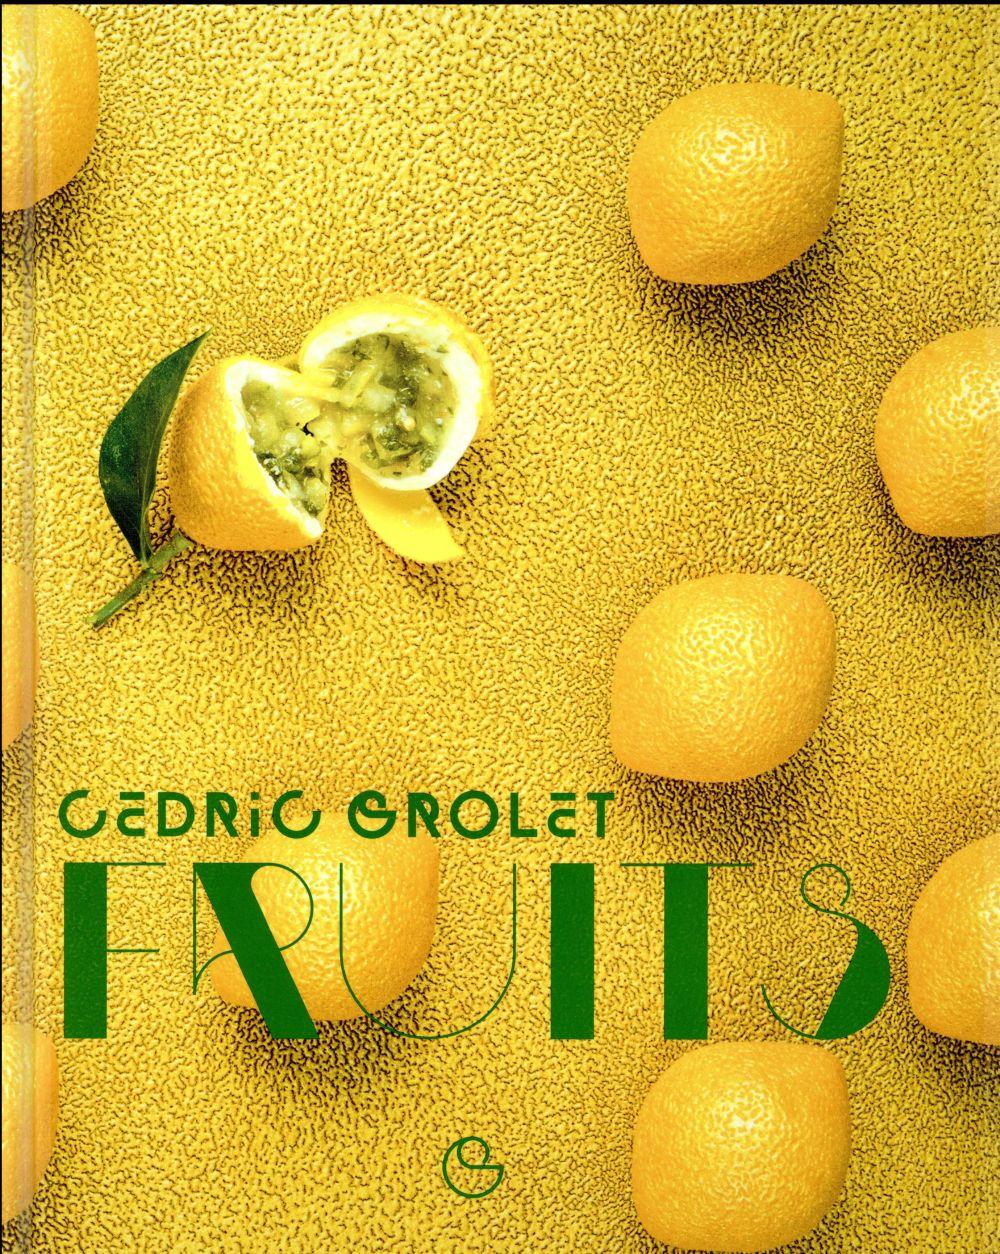 Fruits GROLET, CEDRIC Ed. Alain Ducasse